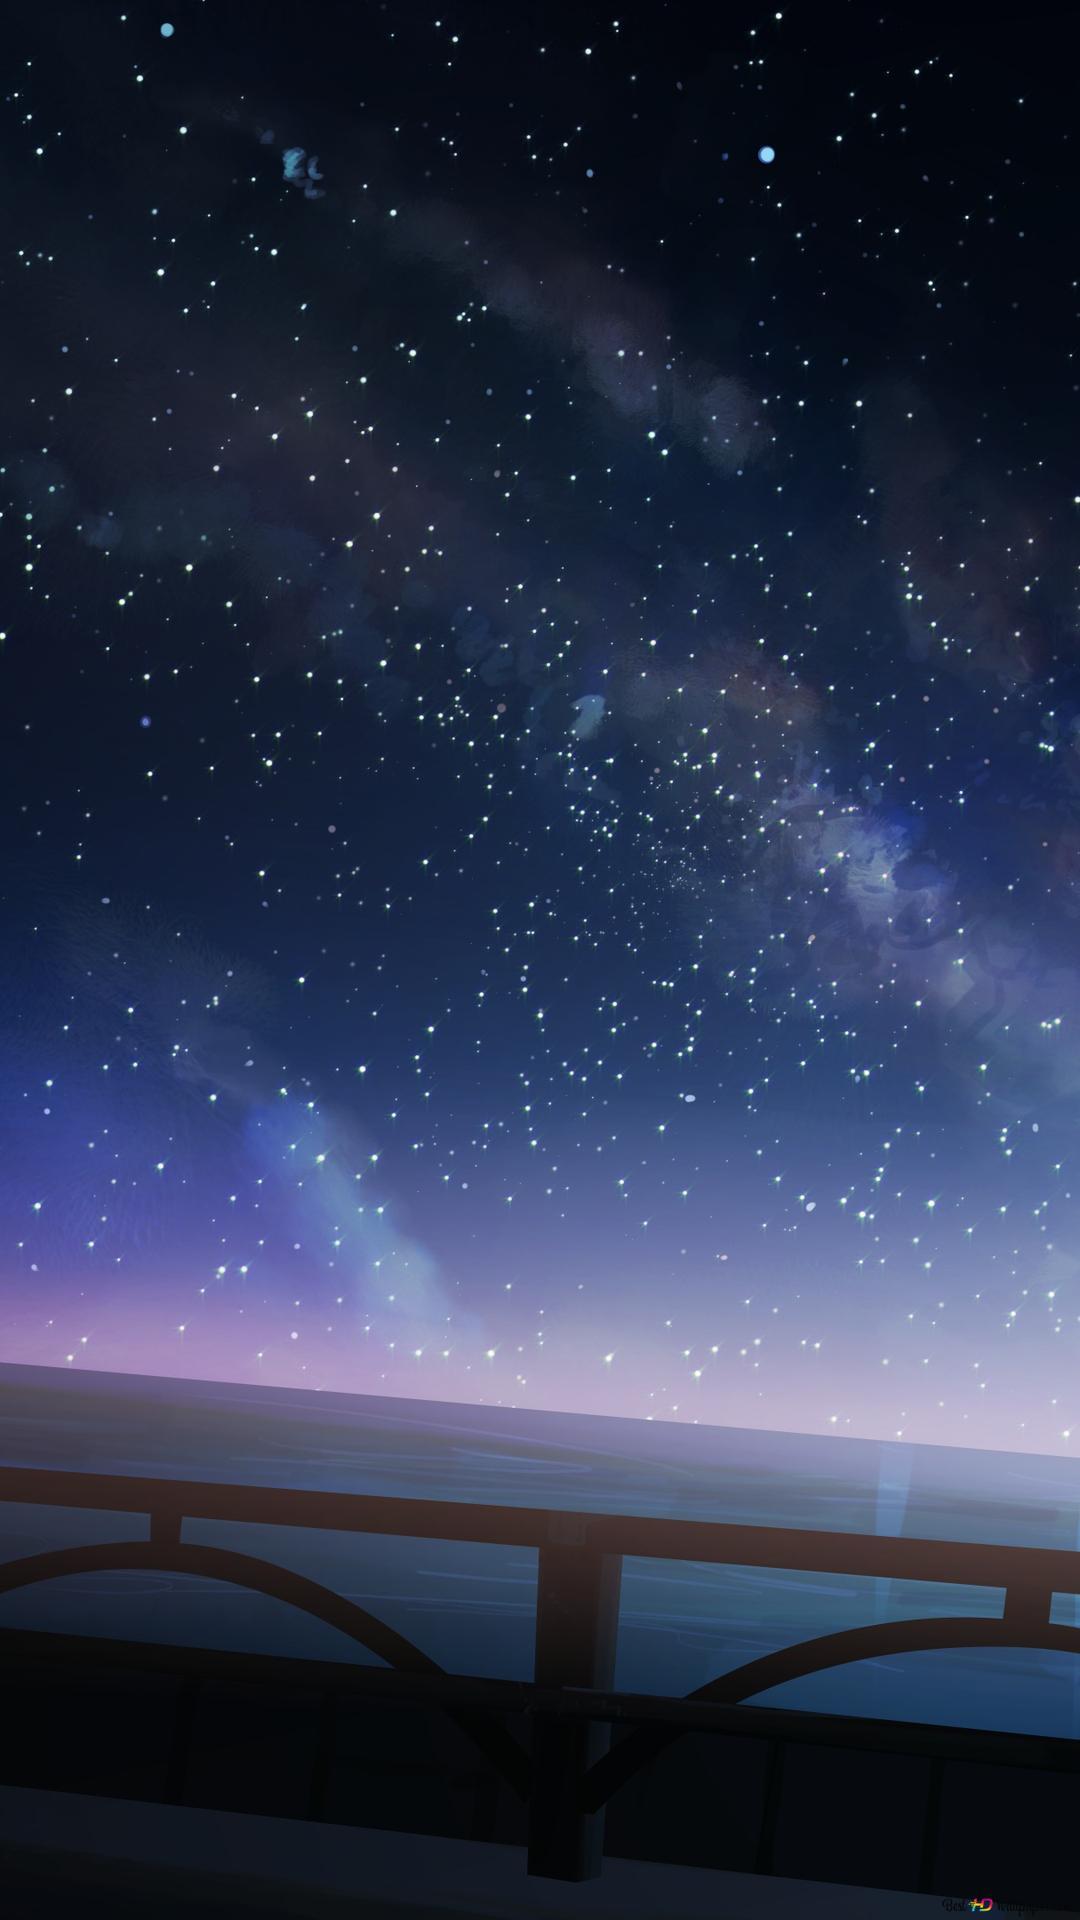 夜の星空 Hd壁紙のダウンロード